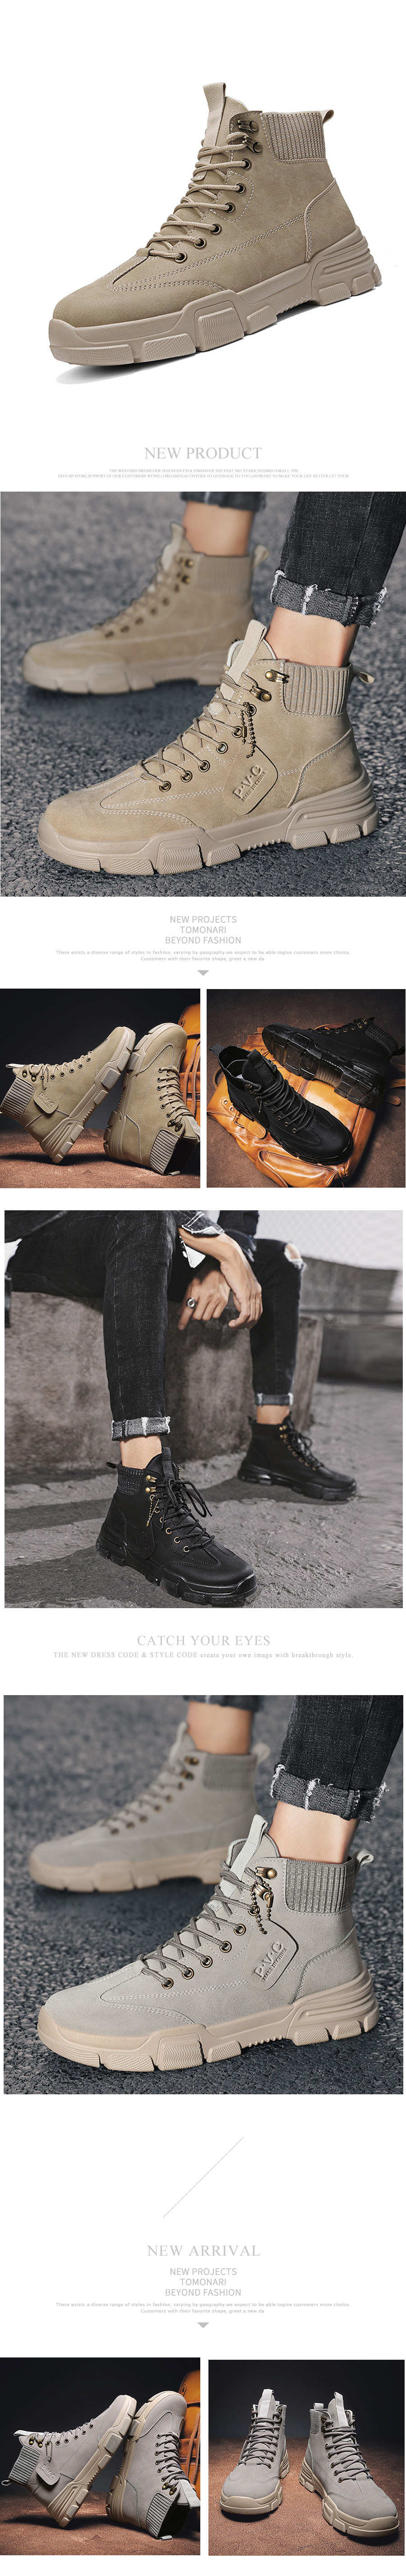 都市旅者.皮革拼接高筒鞋靴